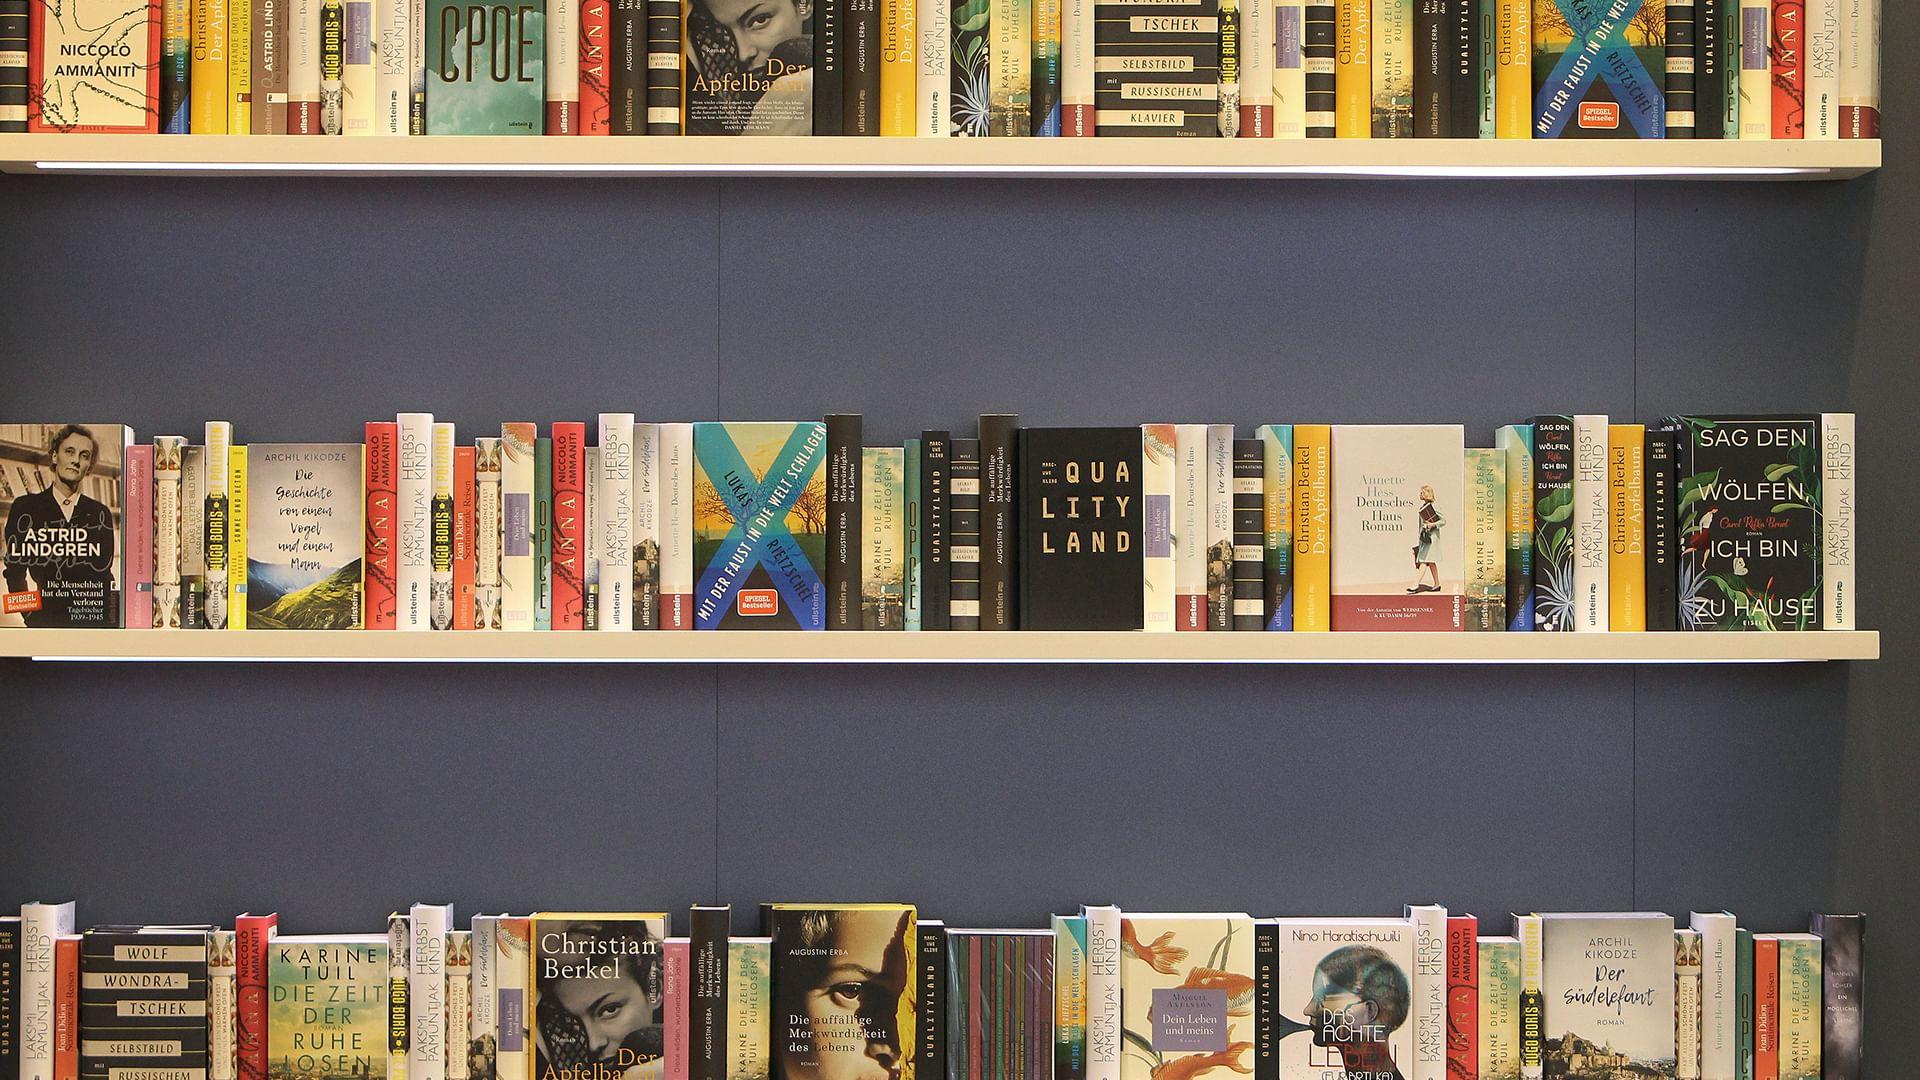 Deutscher Buchpreis 2020: Die Finalisten